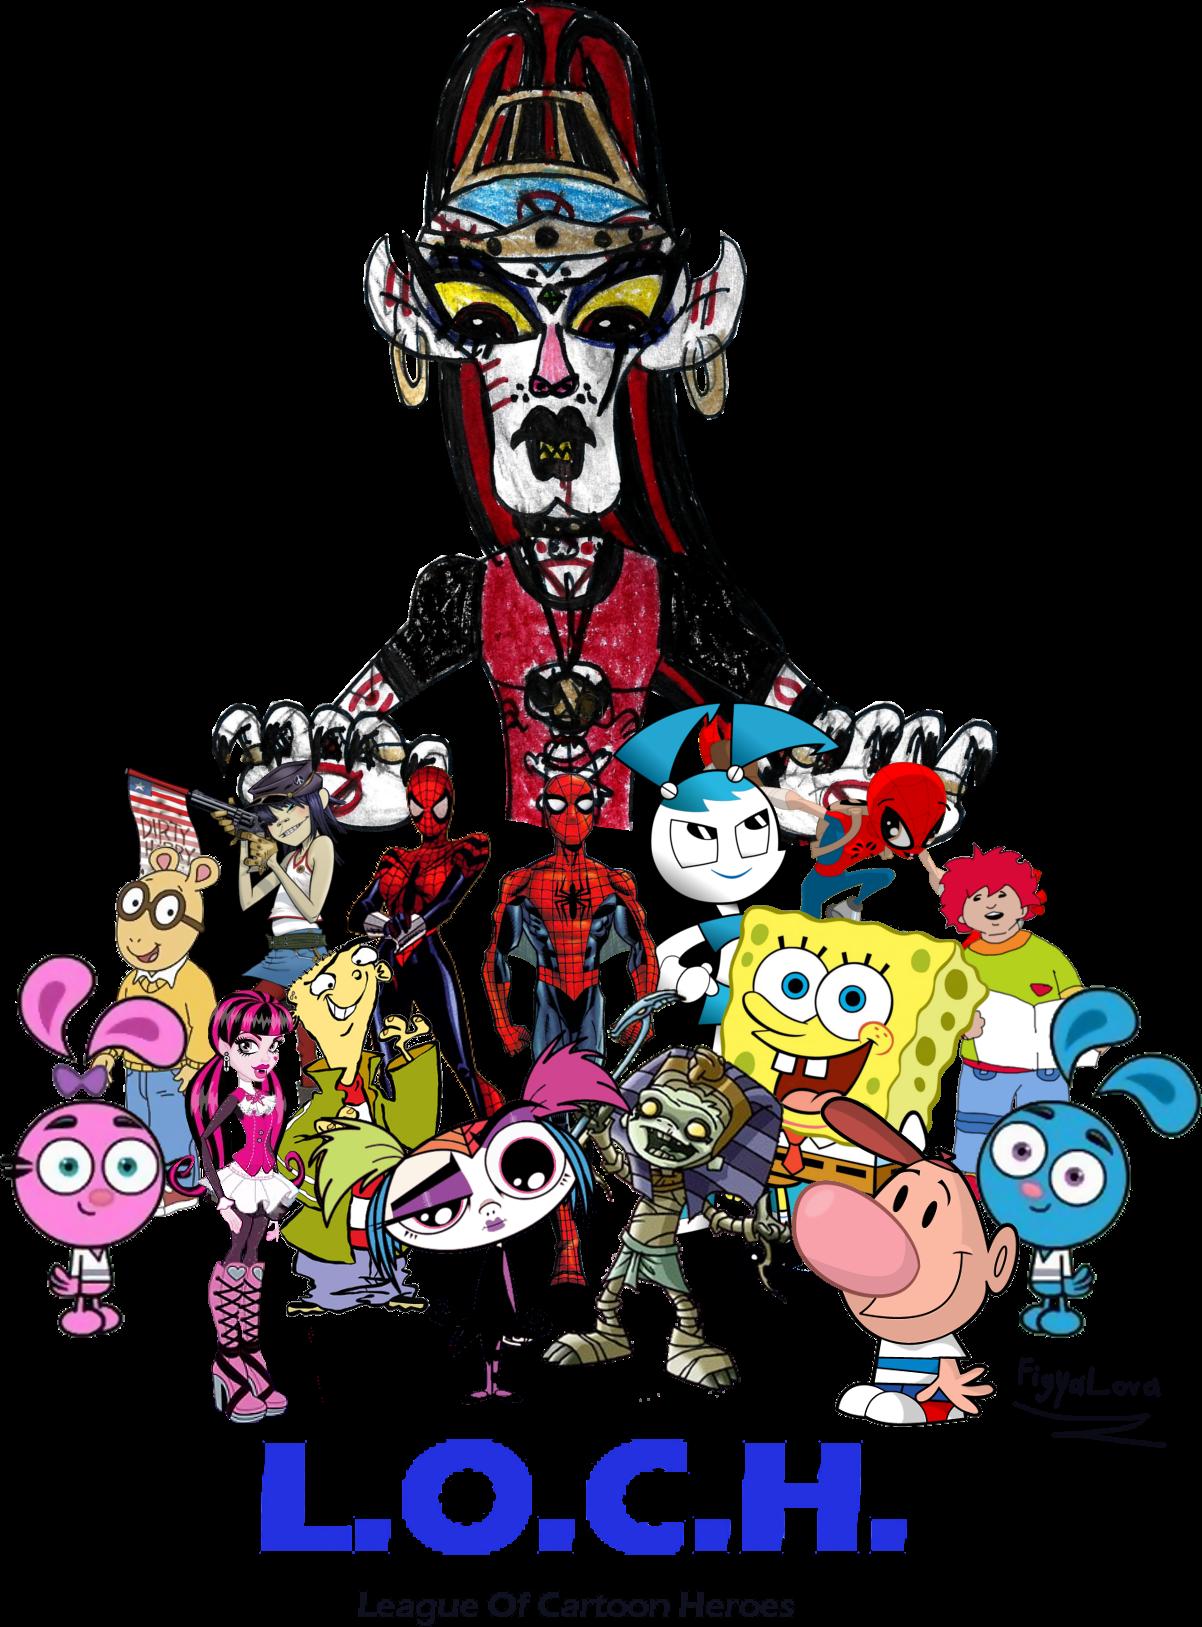 The League Of Cartoon Heroes (LOCH) by FigyaLova on DeviantArt